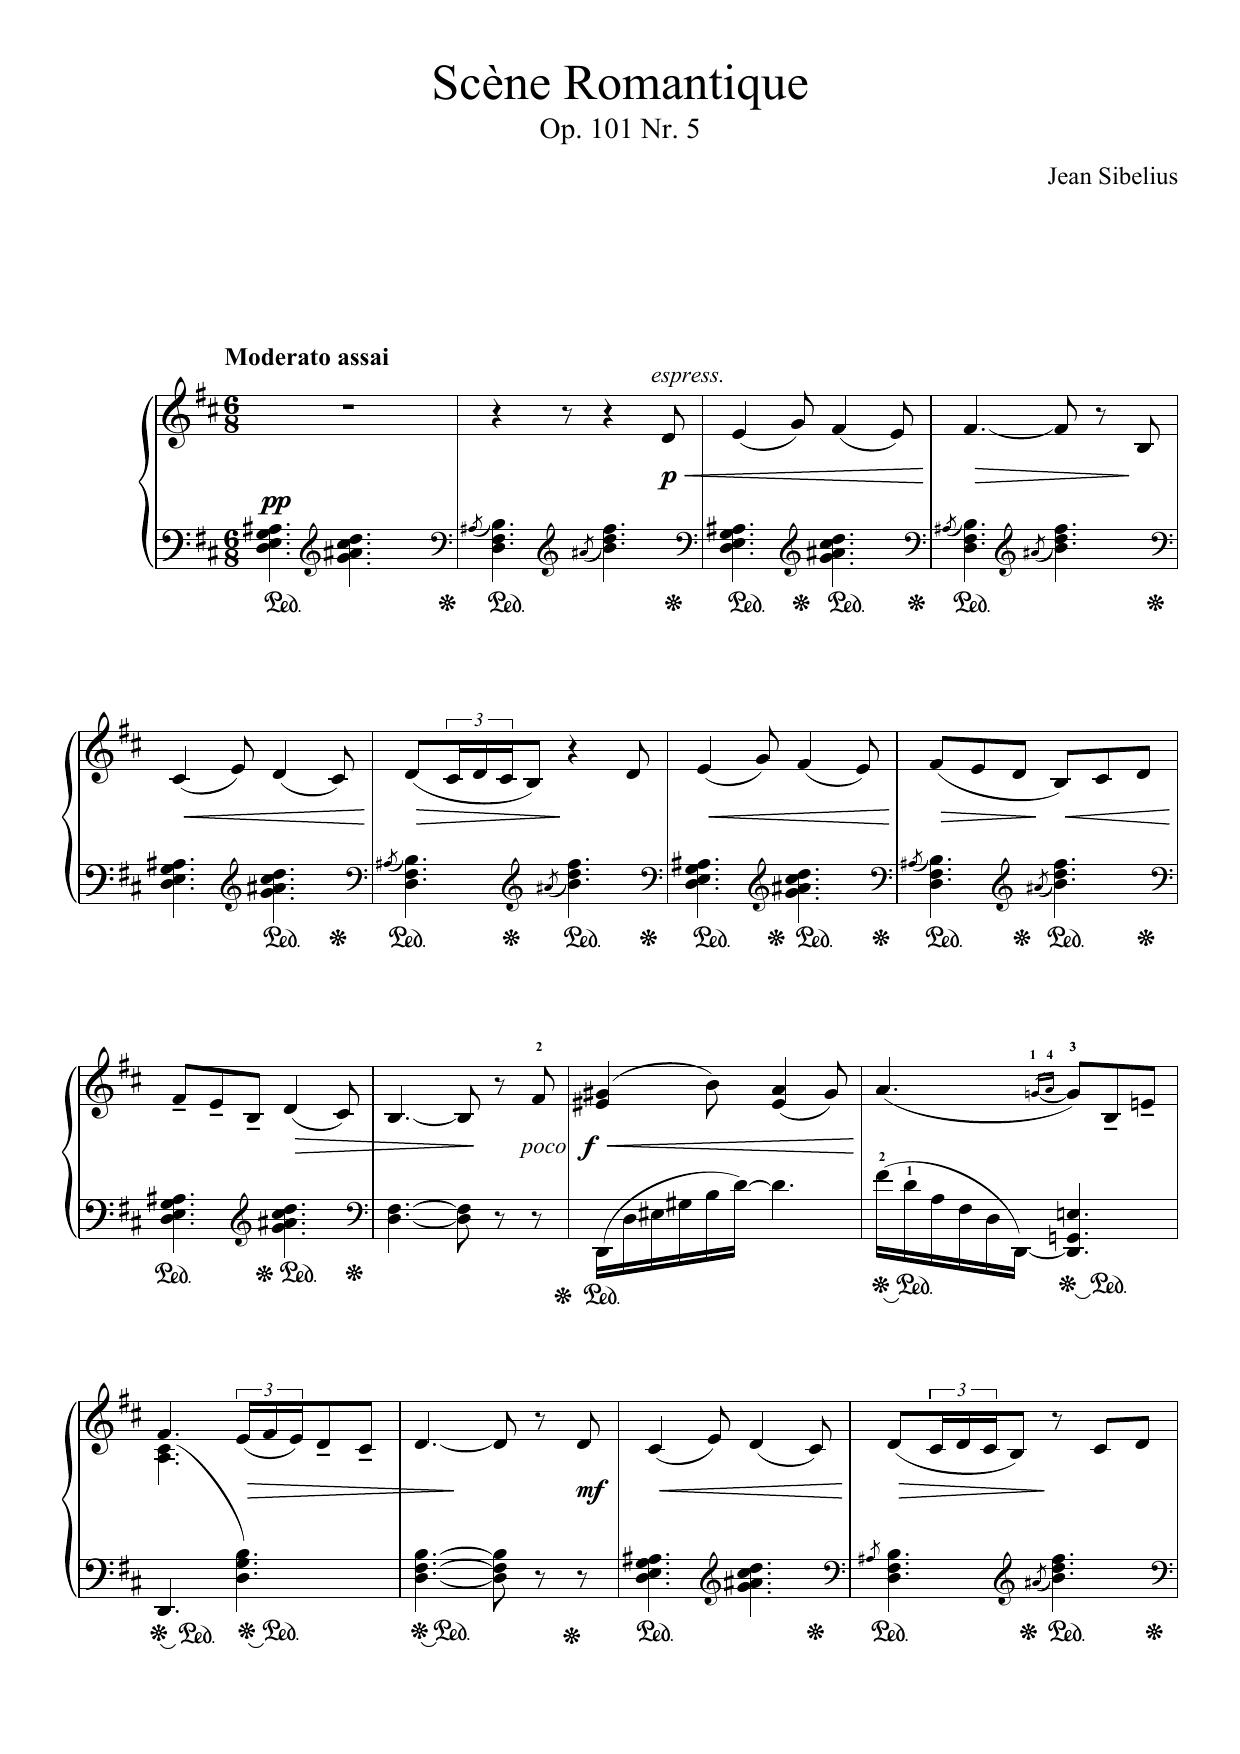 Jean Sibelius - 5 Morceaux Romantiques, Op.101 - V. Scene Romantique